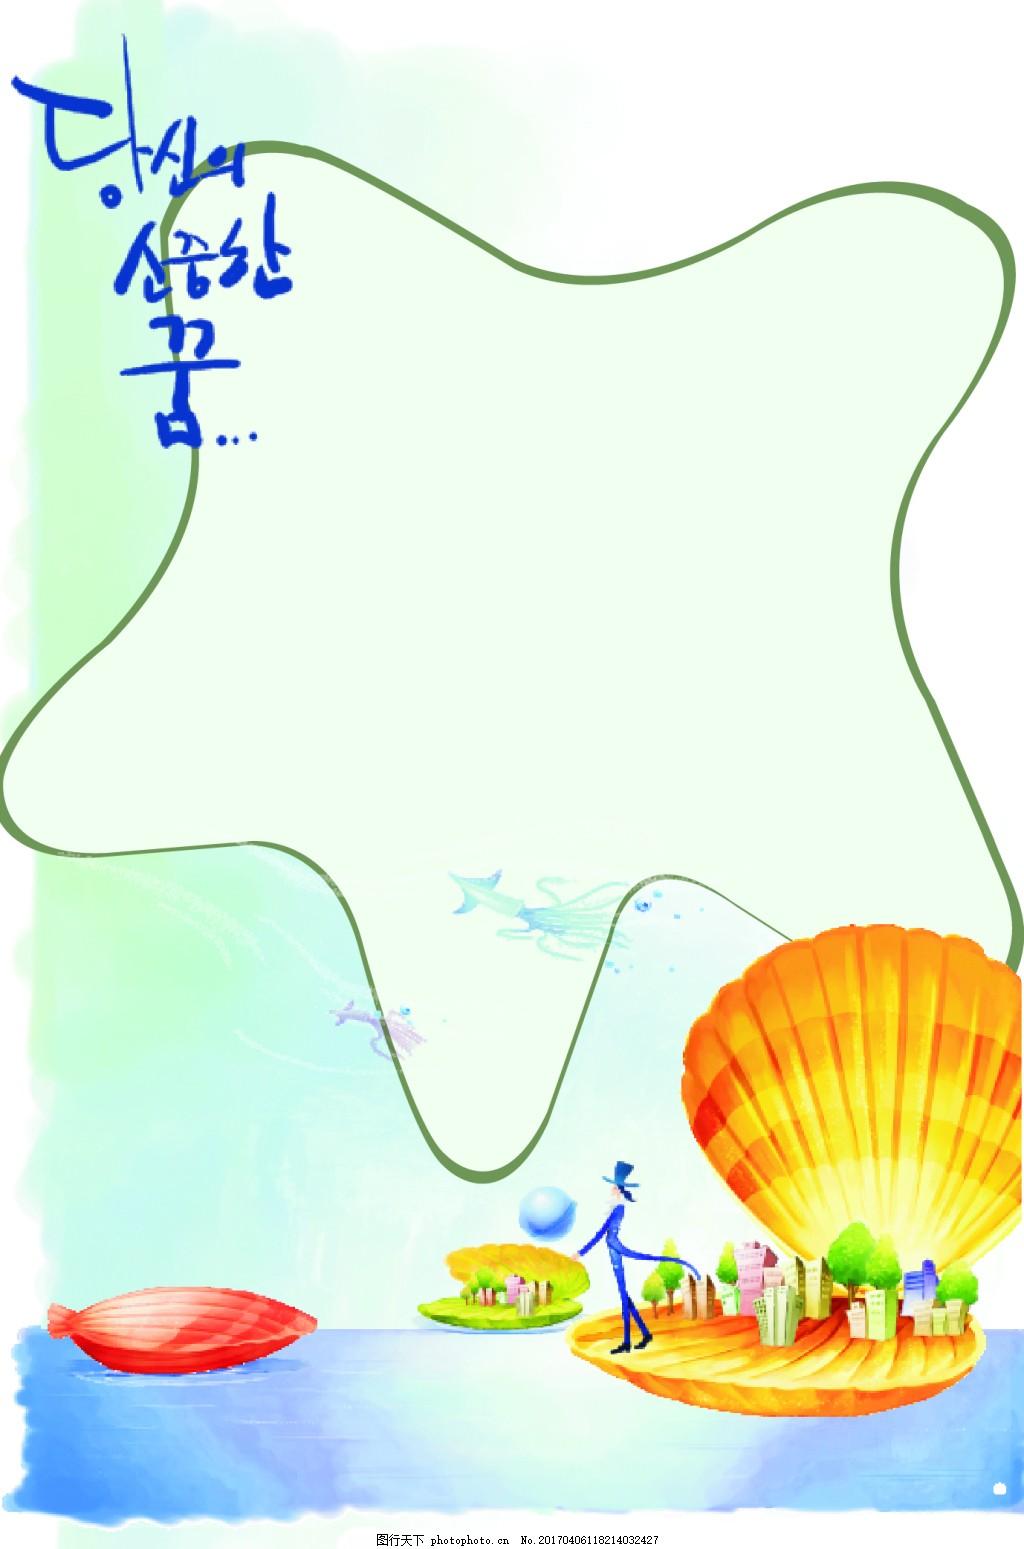 幼儿园六一背景eps 幼儿园 展板 六一 儿童节 模版 儿童 可爱 卡通 背